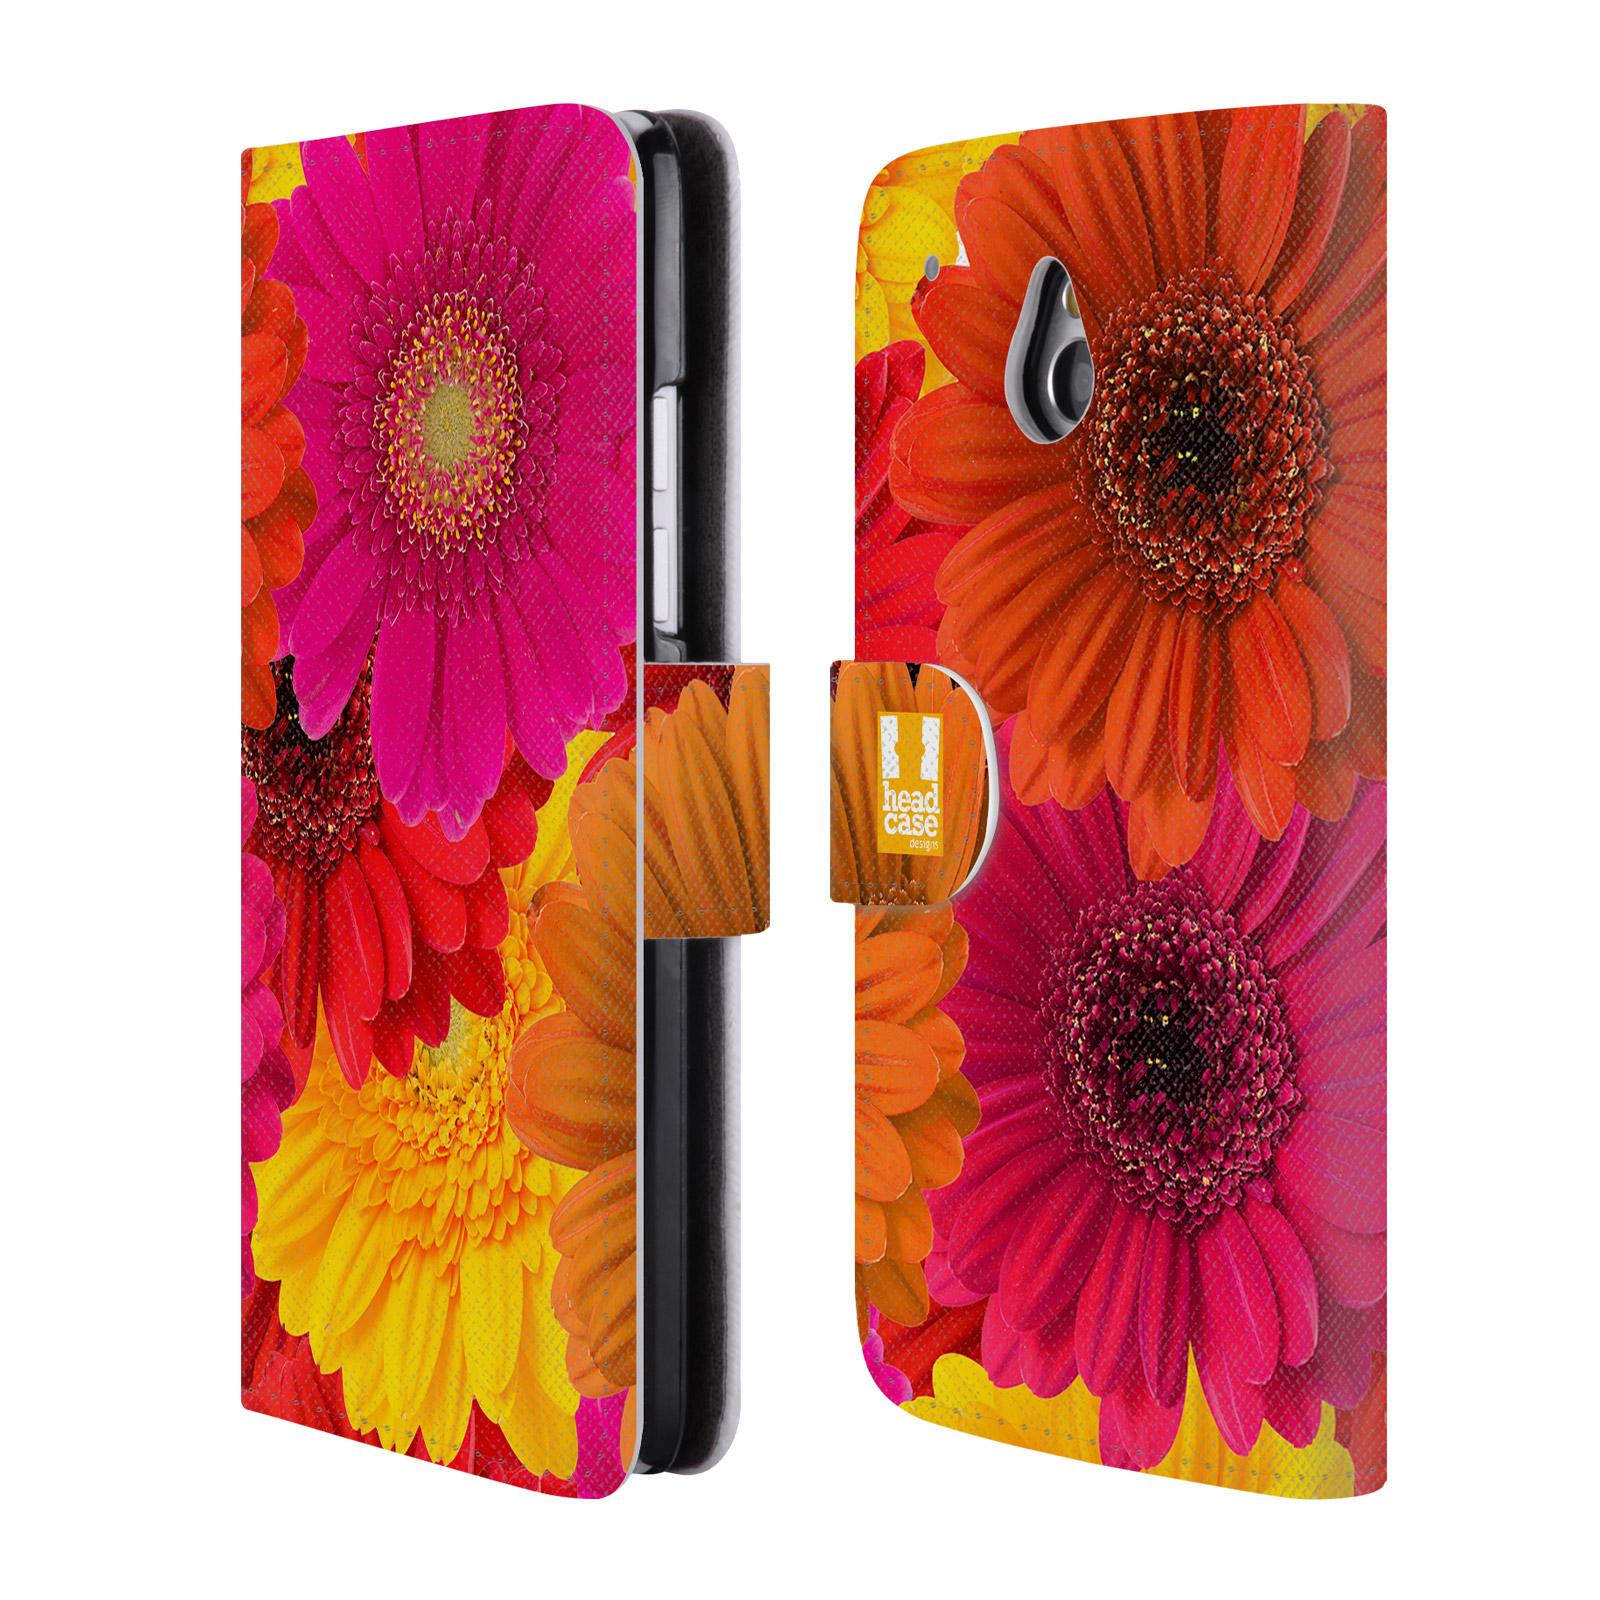 HEAD CASE Flipové pouzdro pro mobil HTC ONE MINI (M4) květy foto fialová, oranžová GERBERA